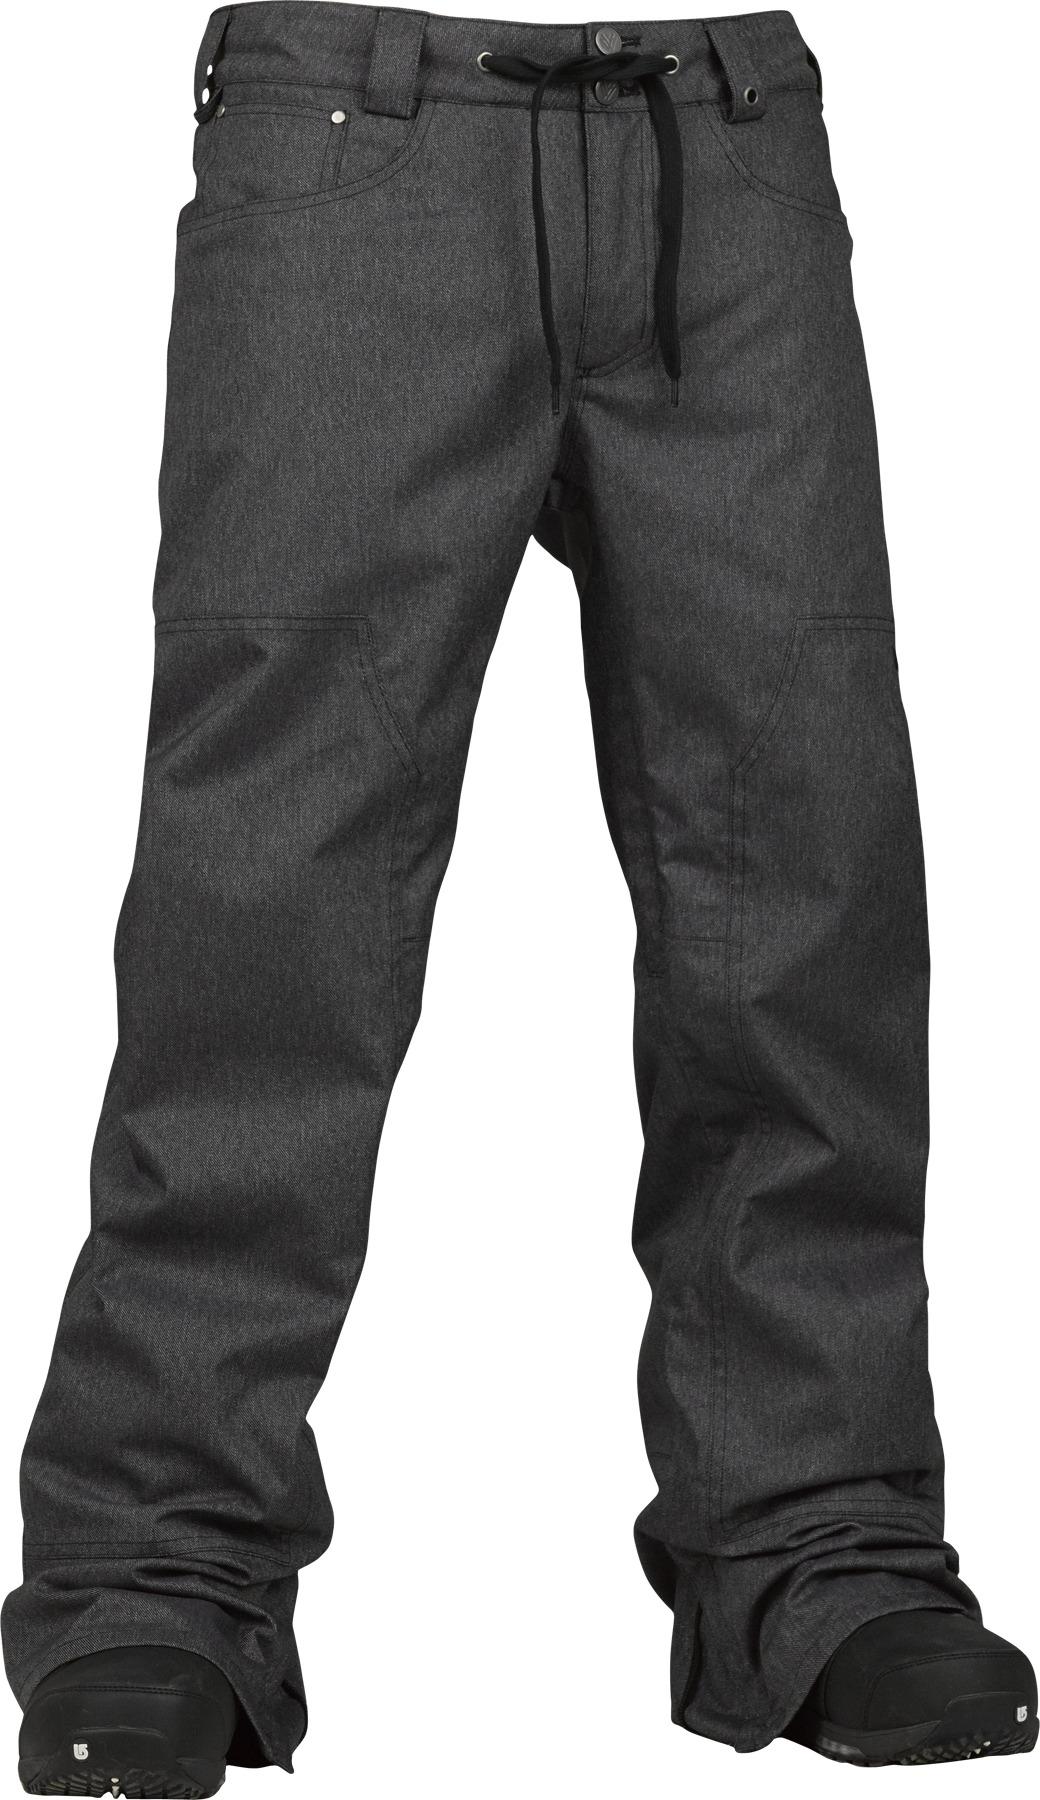 caac87b1606 Burton Greenlight Pants True Black Denim £91.00